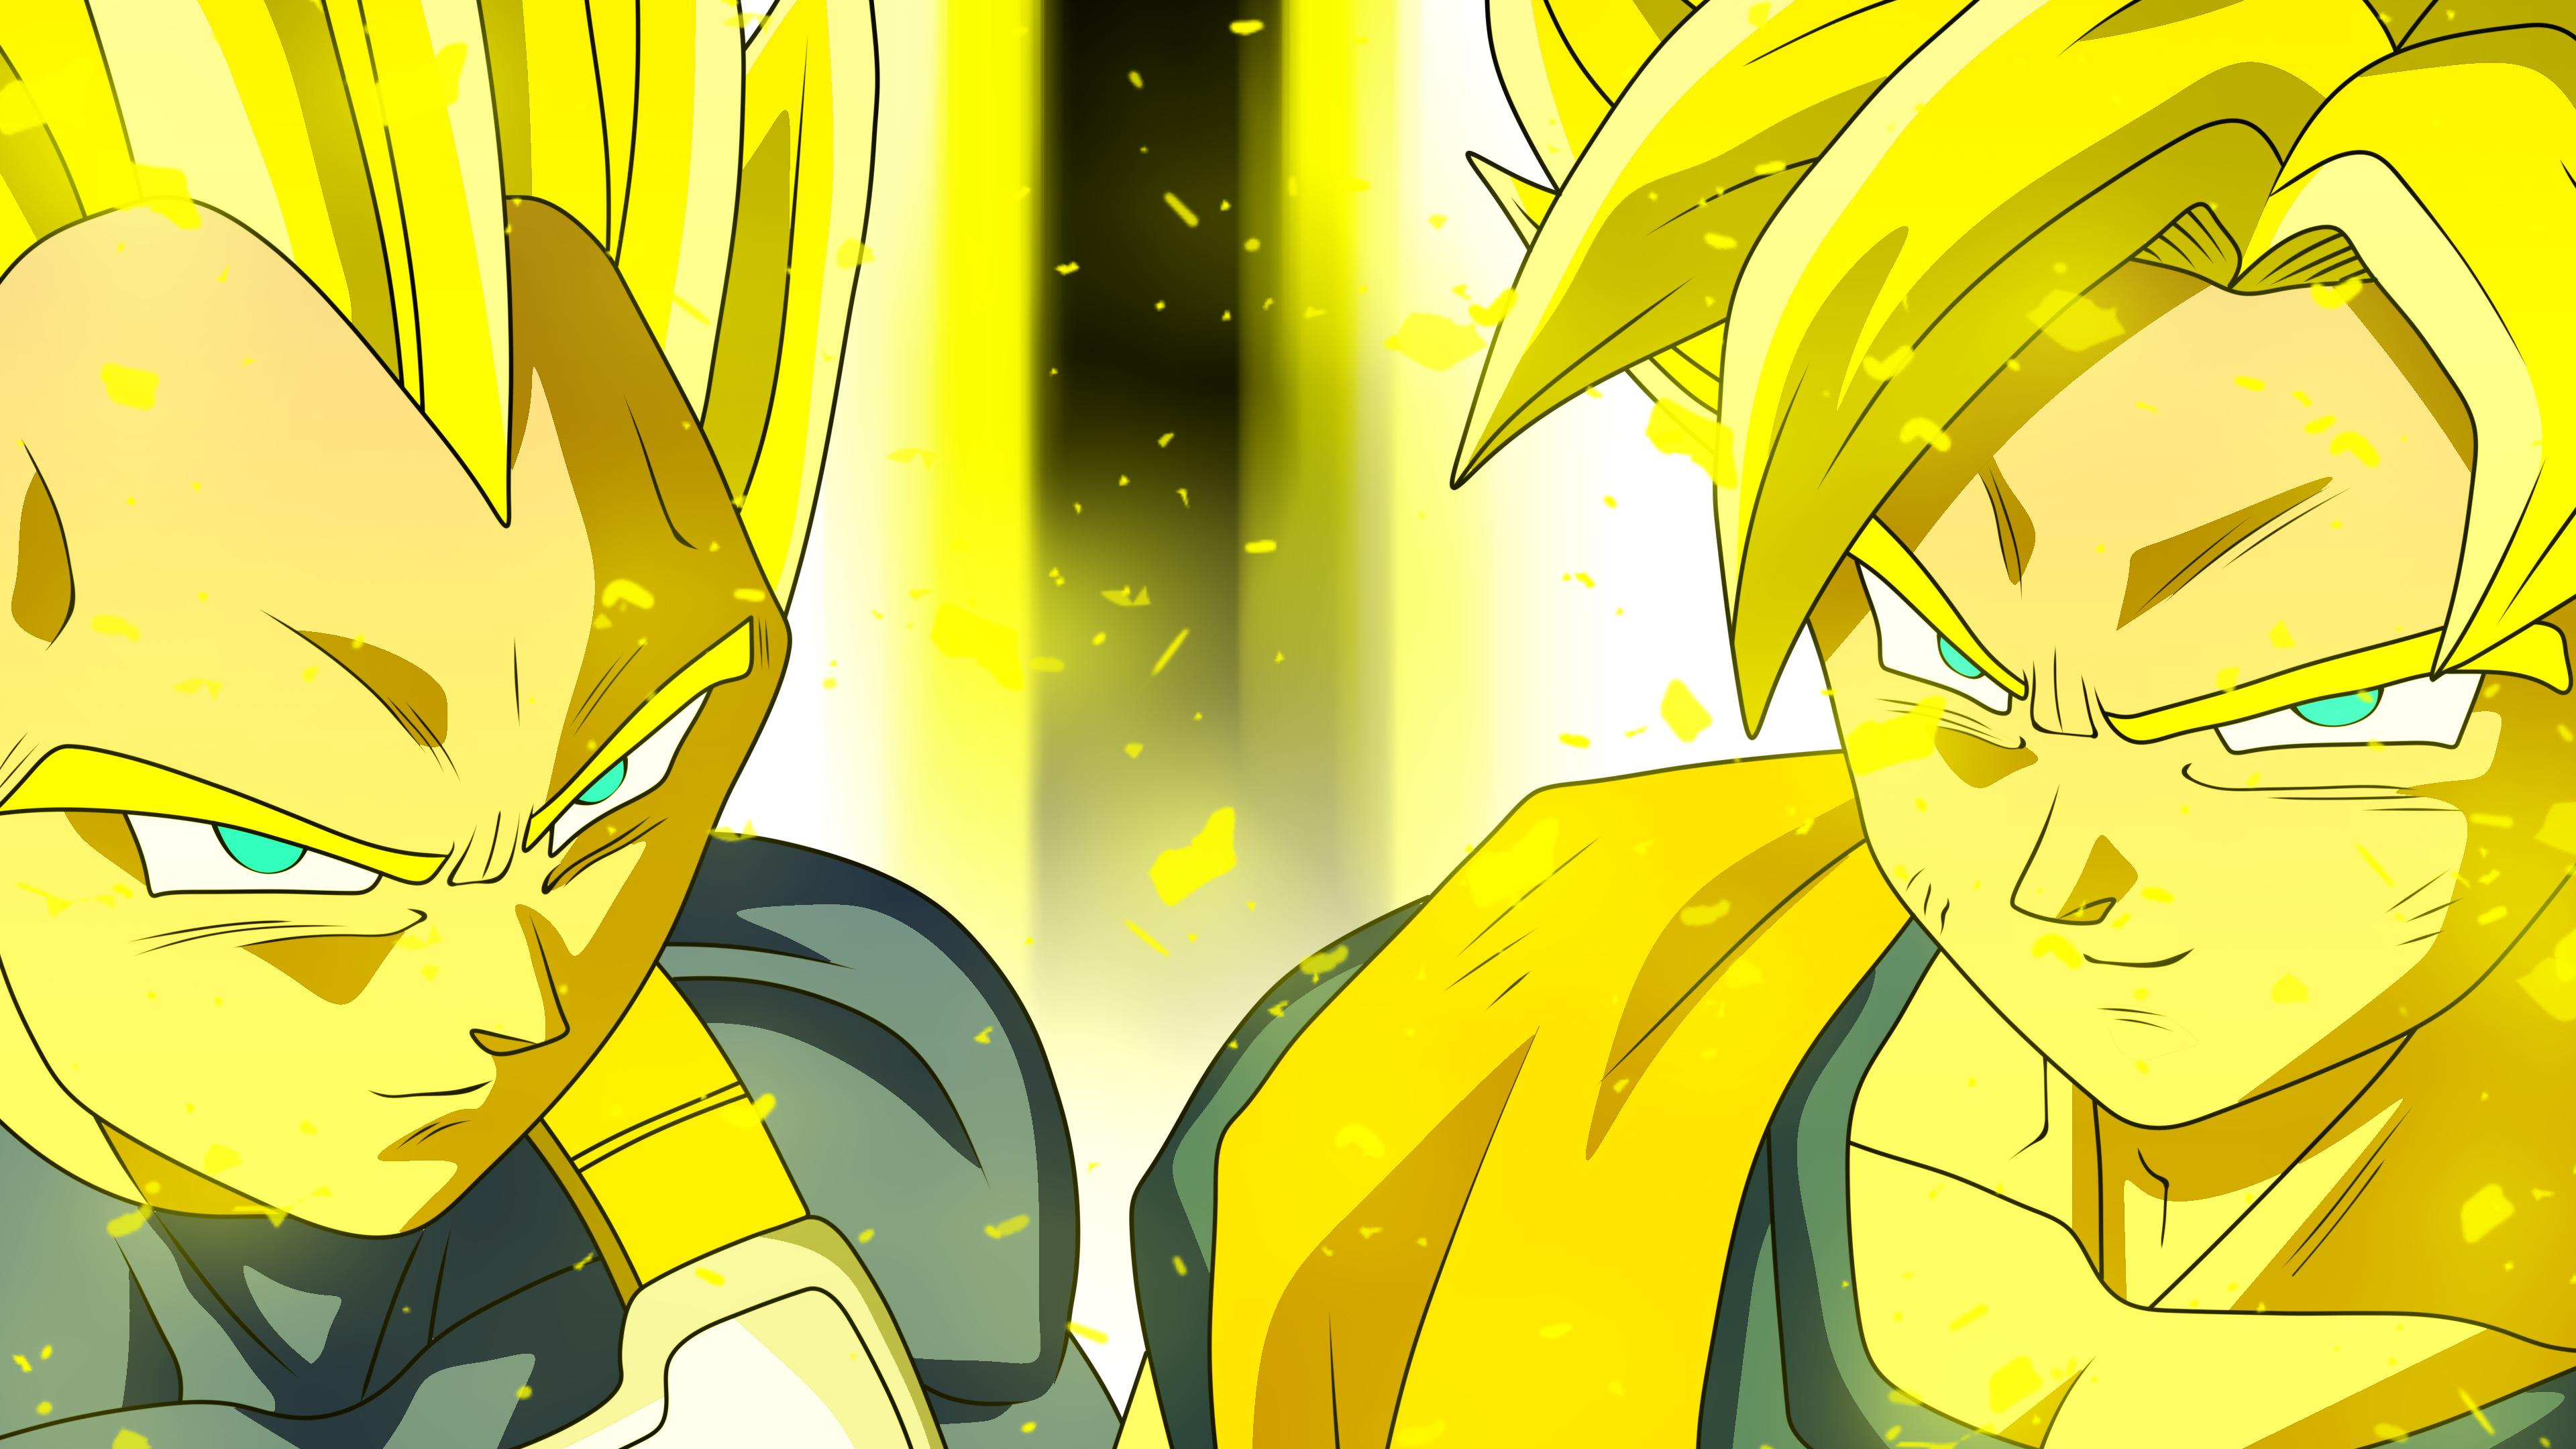 Pantalla de goku, fondos on. Dragon Ball Z 18 4K HD Anime Wallpapers | HD Wallpapers ...